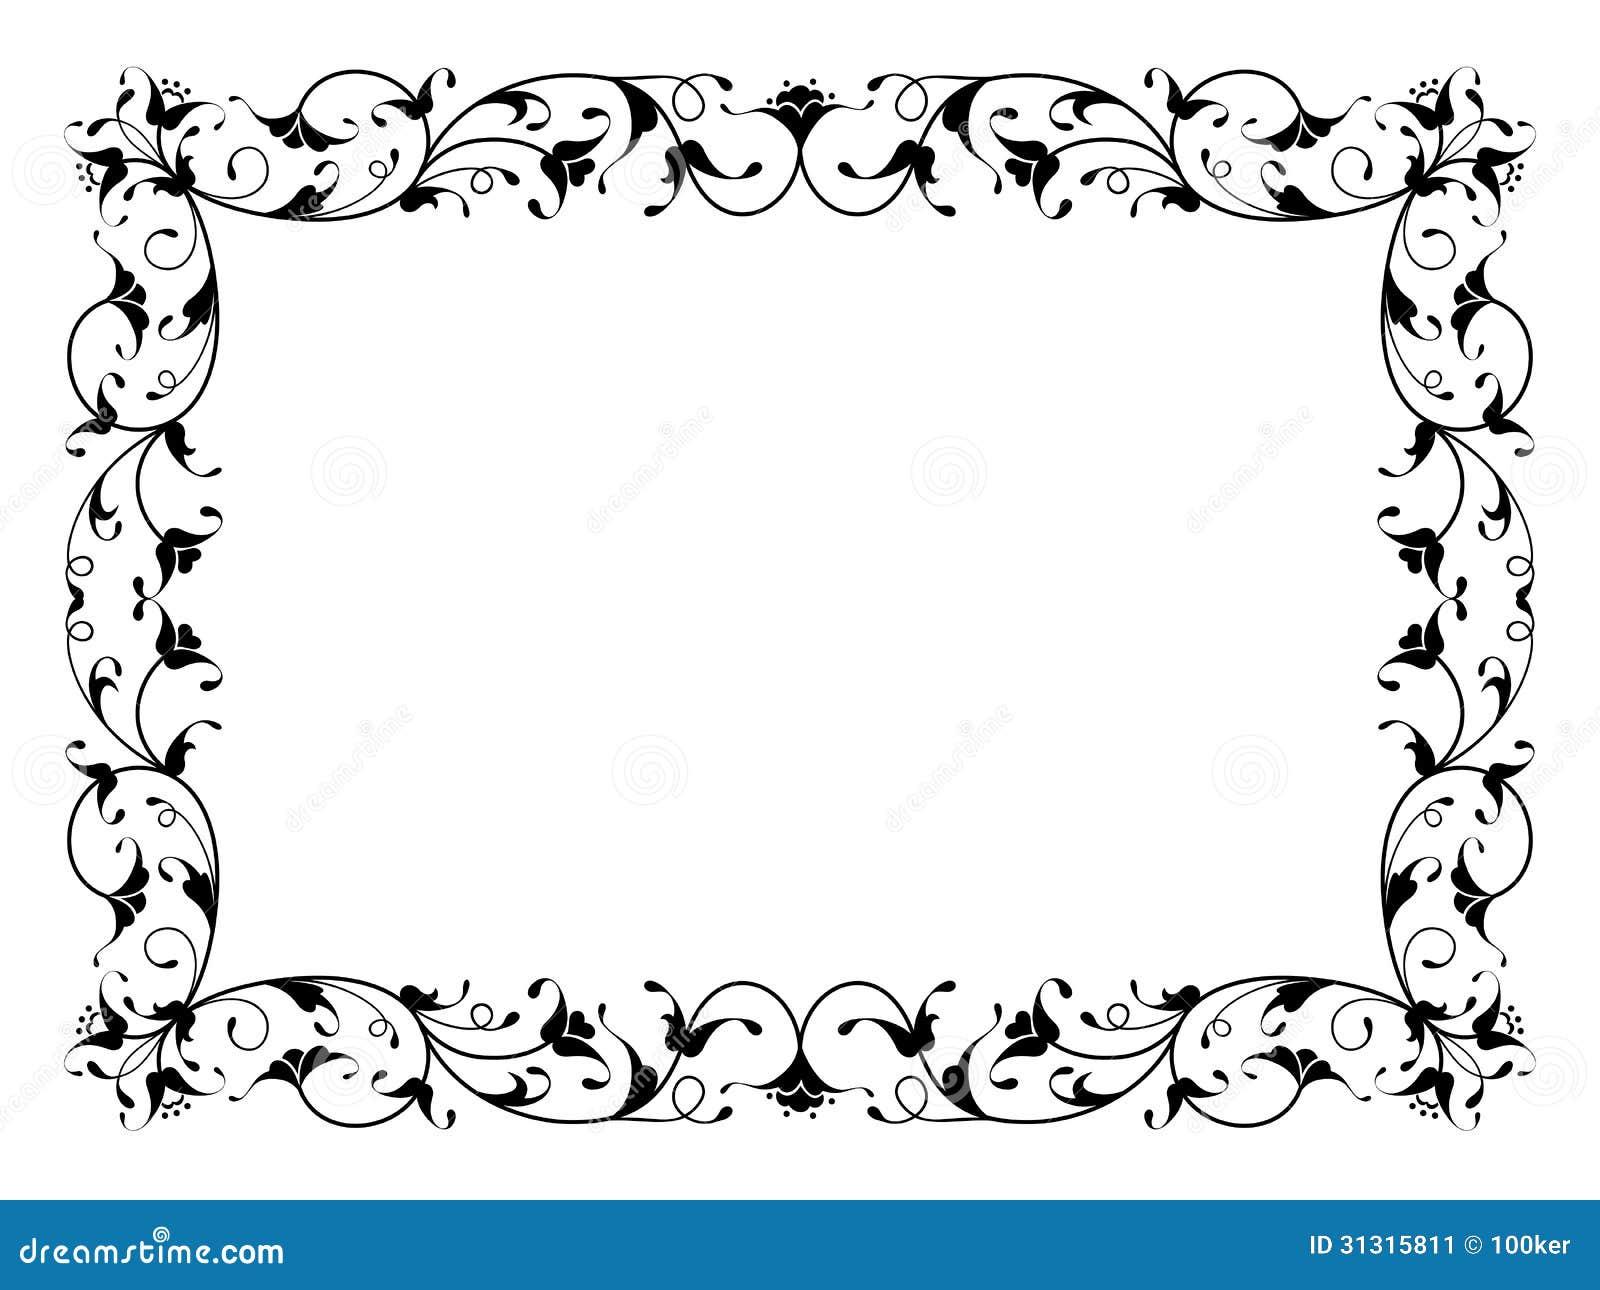 oosters bloemen sier decoratief zwart kader stock afbeelding beeld 31315811. Black Bedroom Furniture Sets. Home Design Ideas